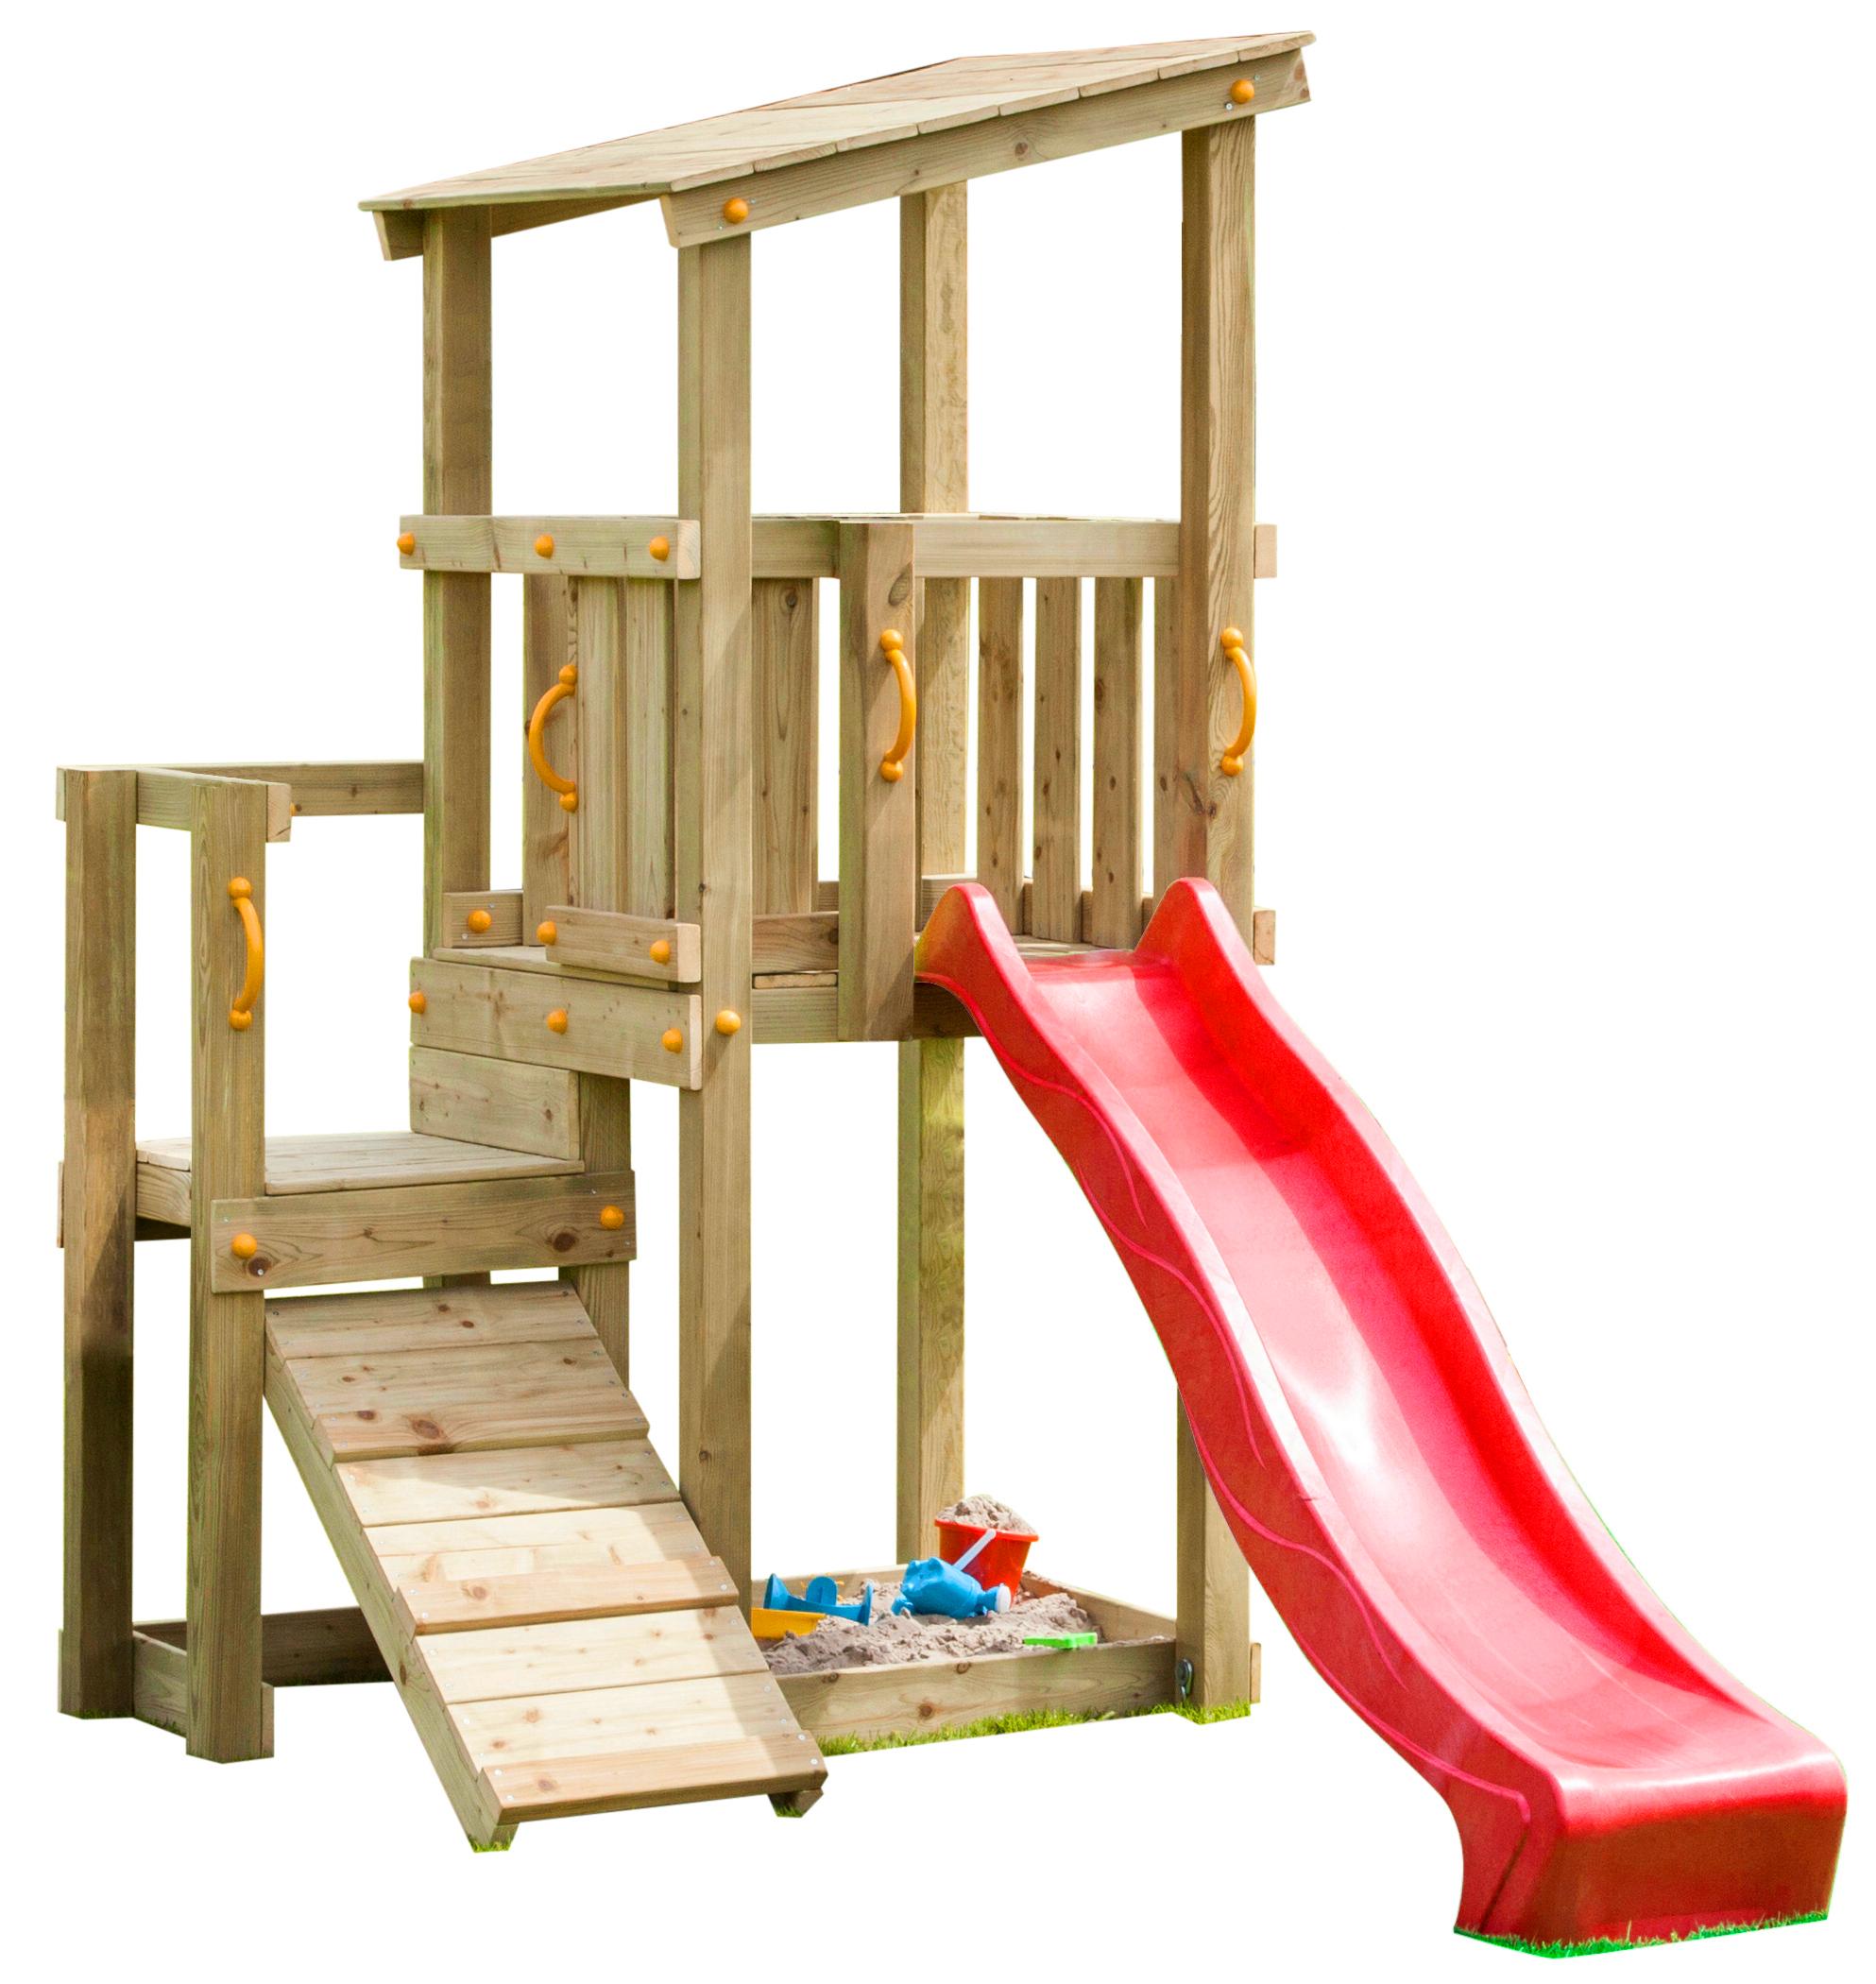 Häufig Spielturm CASCADE mit Rutsche 2,30 m + Kletterrampe | Spielturm TY44